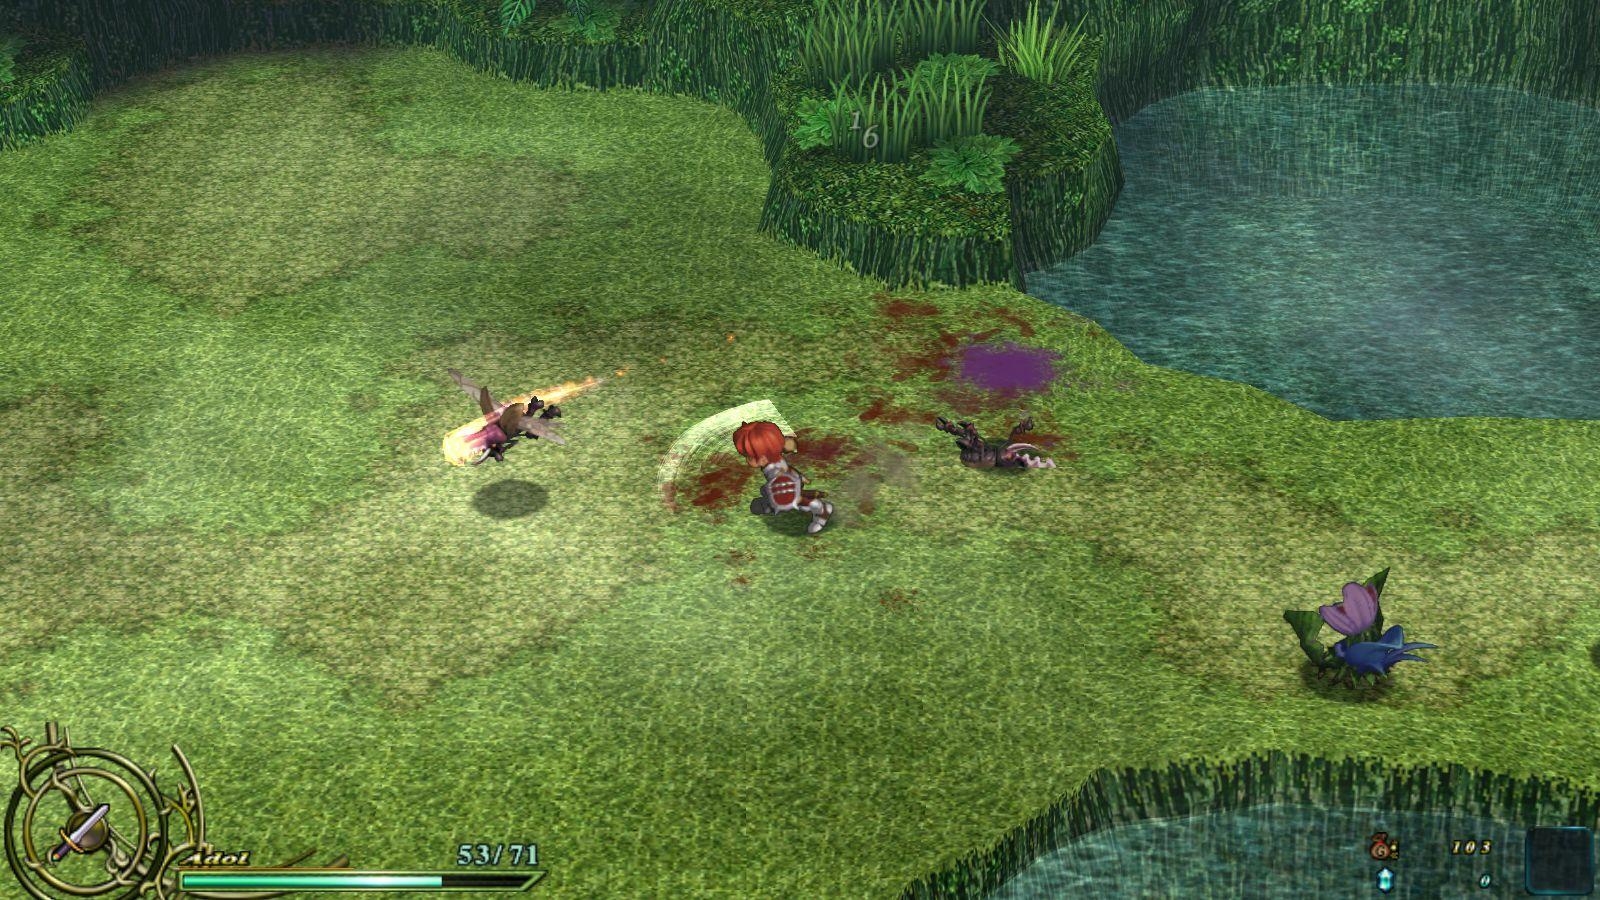 ys-vi-the-ark-of-napishtim-pc-screenshot-2